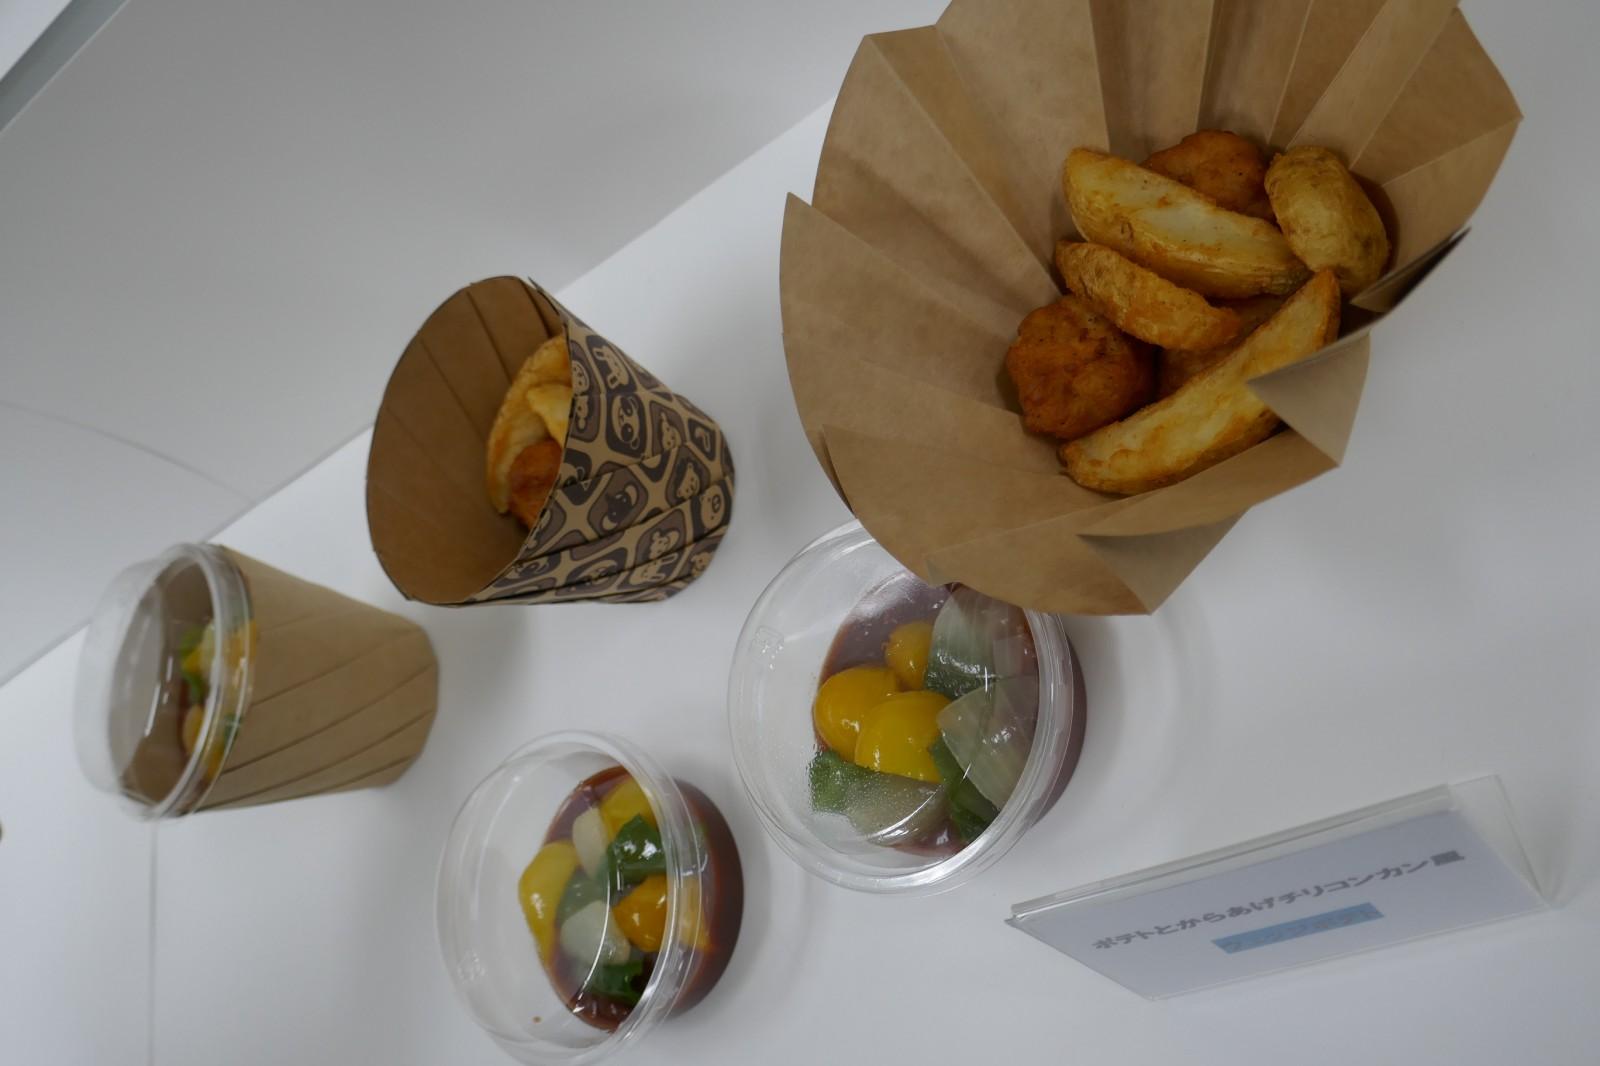 外カリっと中ホクホクのポテトと機能的な容器で美味しいテイクアウト~米国産ポテトde惣菜セミナー